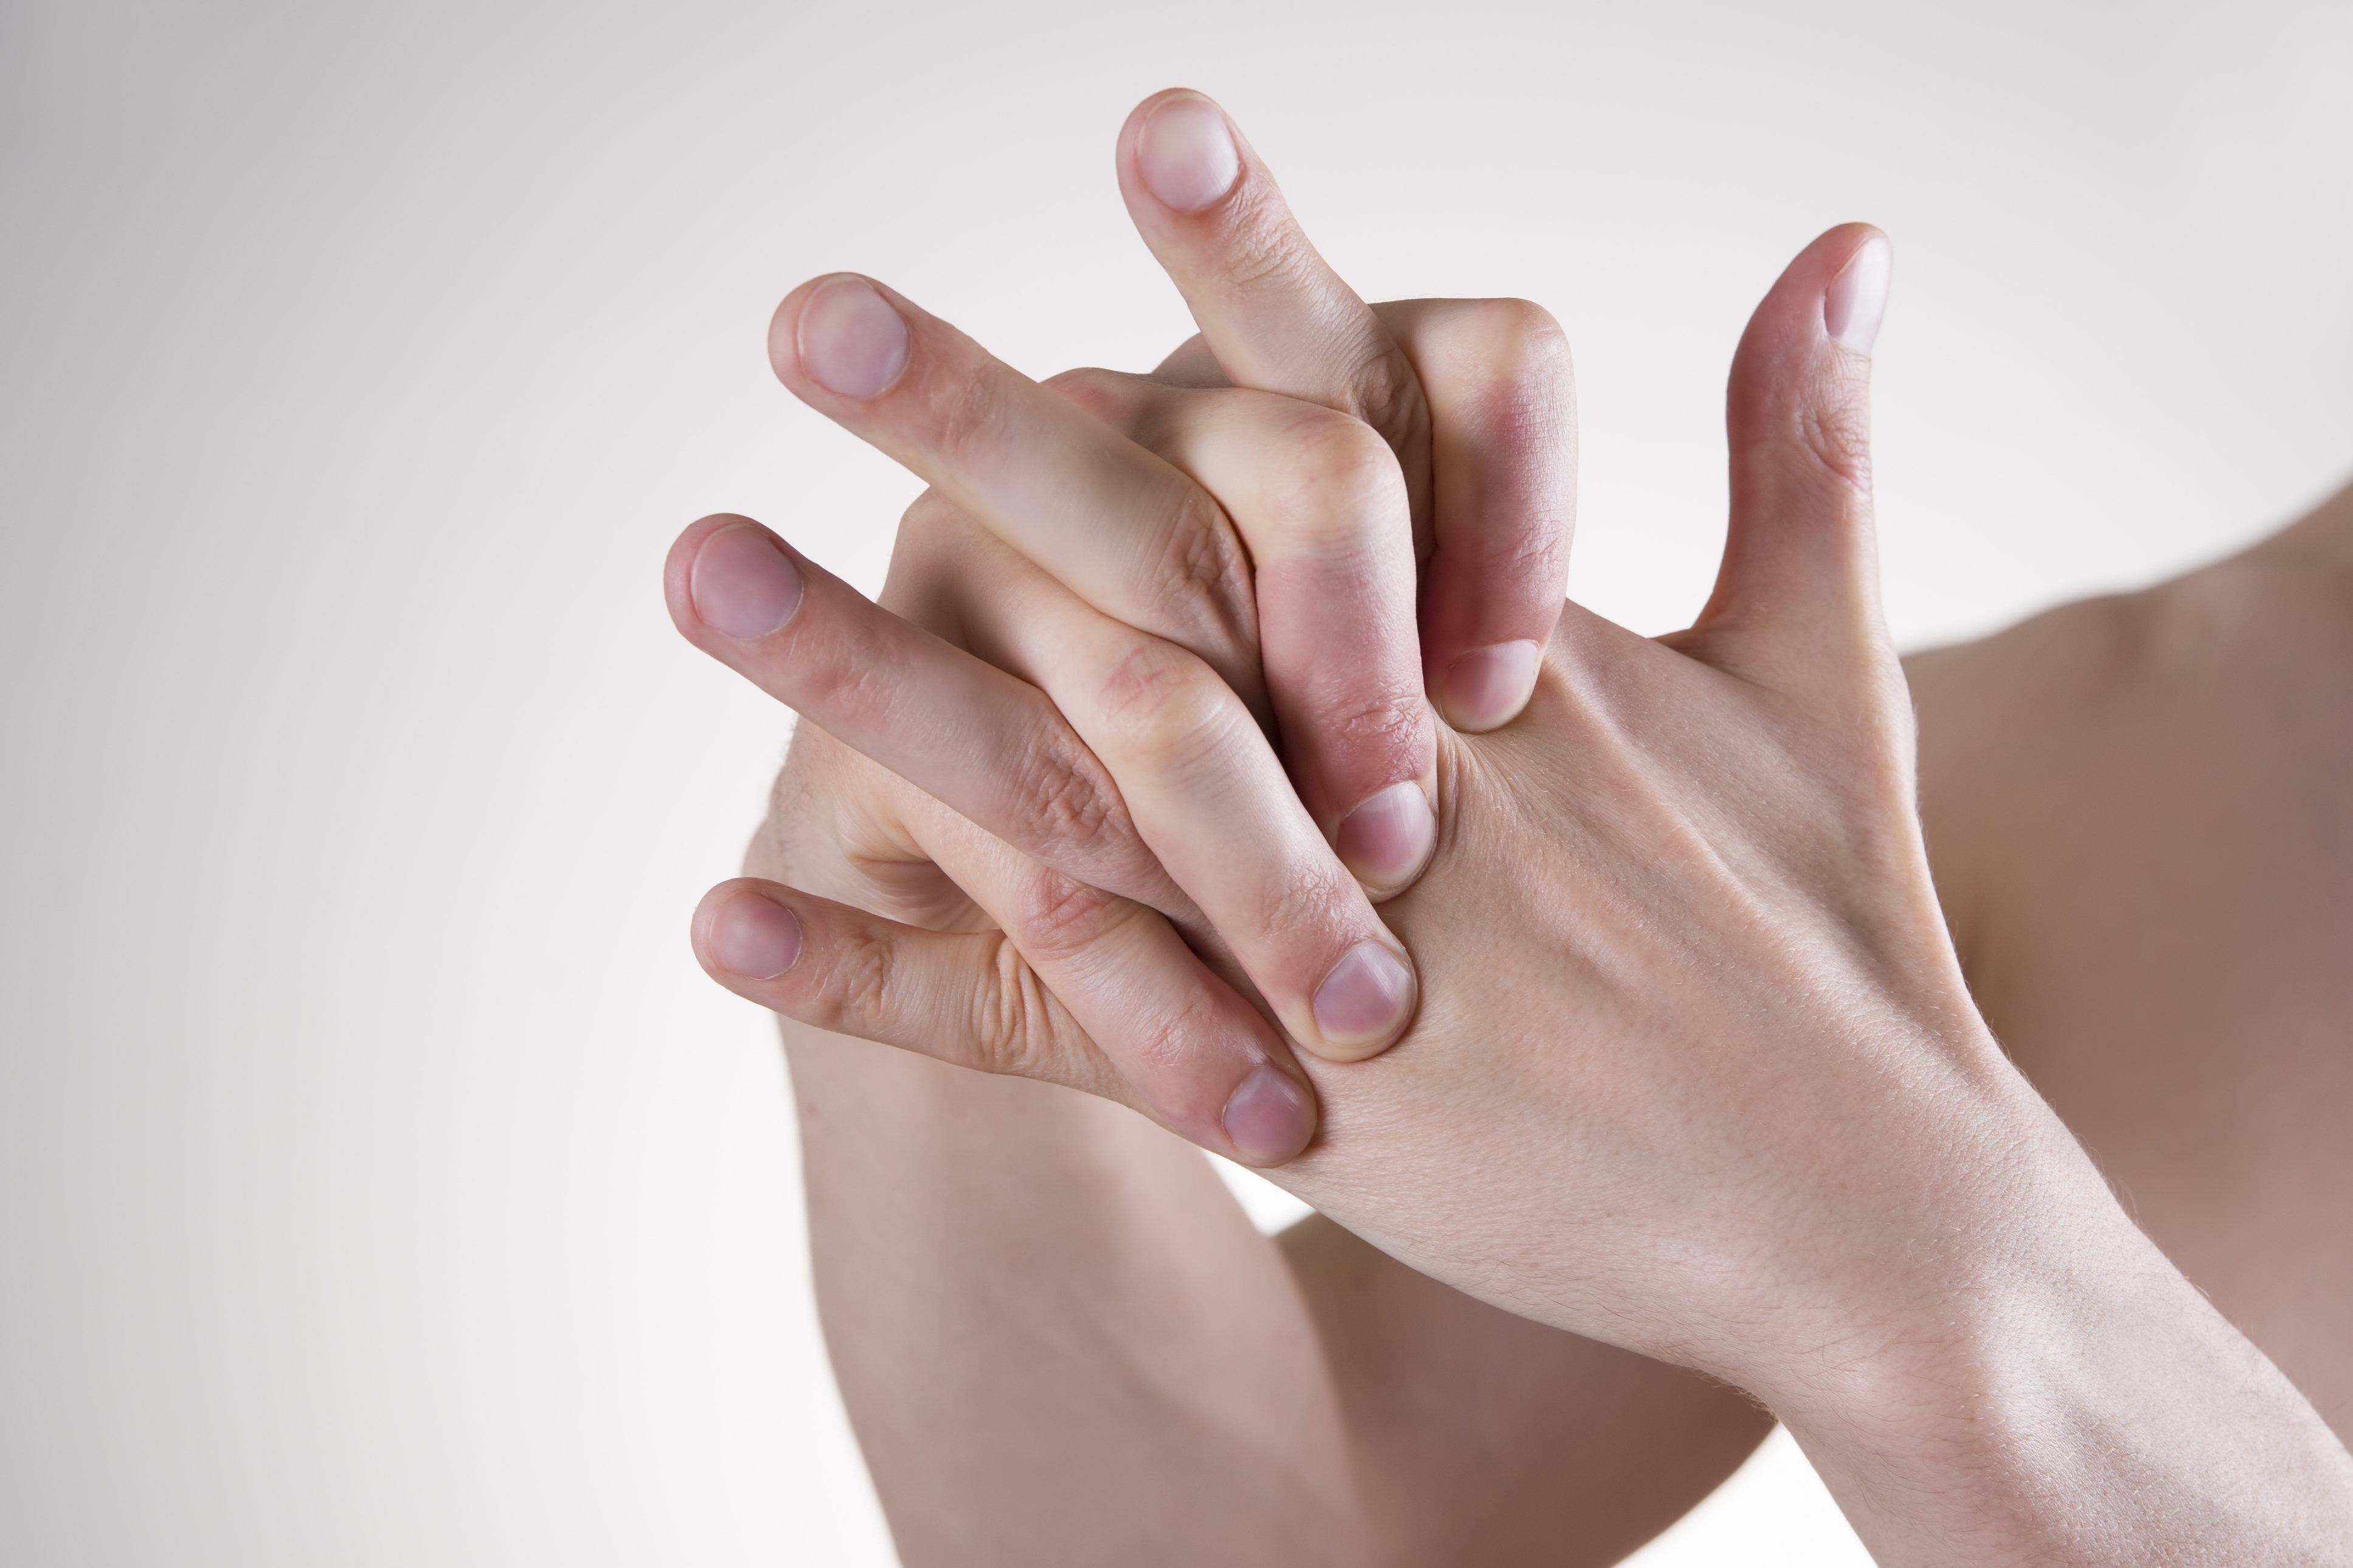 Finger knacken: So gefährlich ist diese Angewohnheit